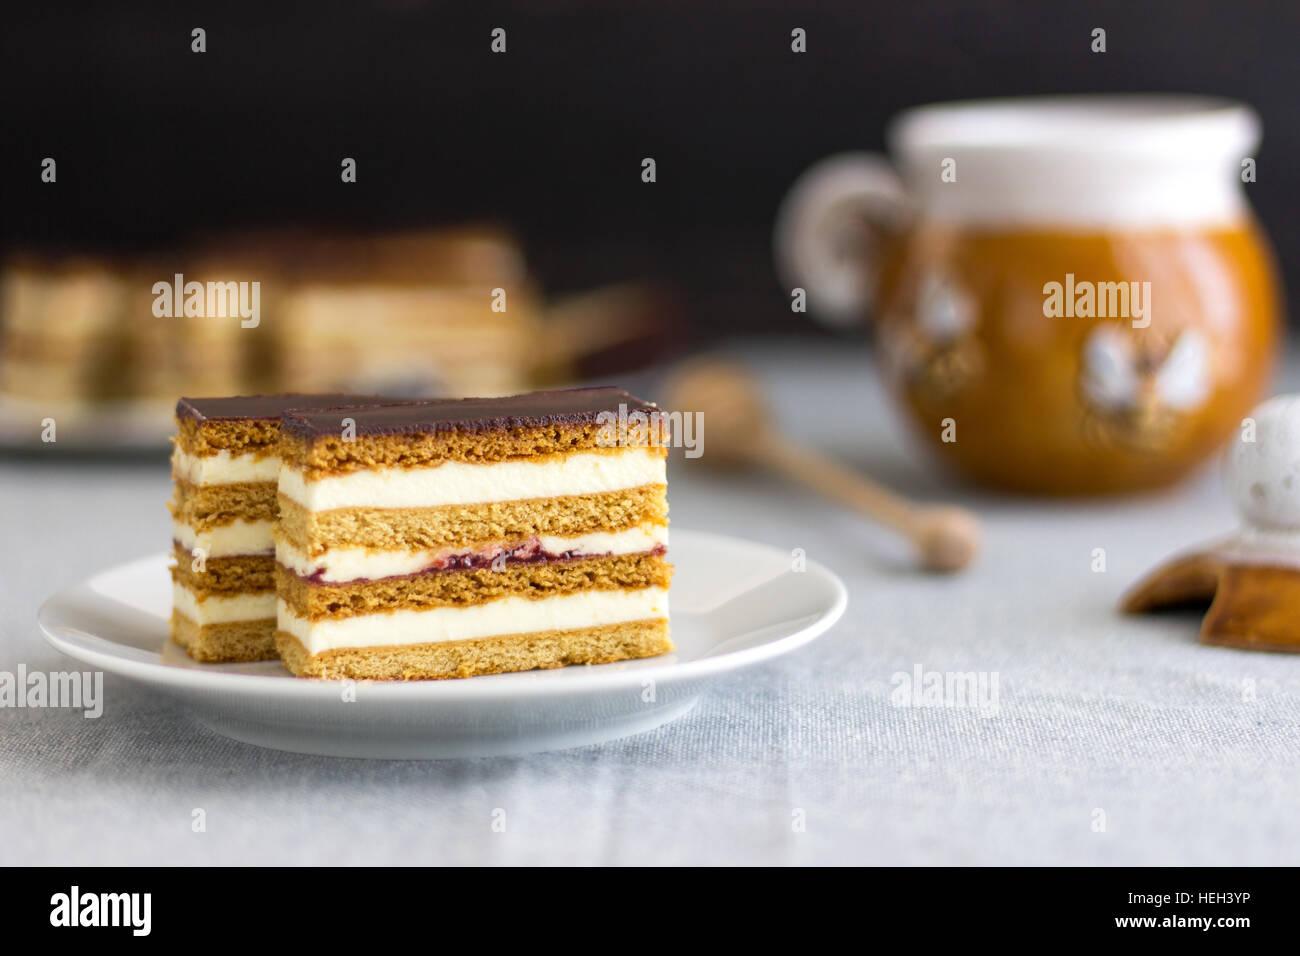 Les tranches de gâteau de miel fait maison Photo Stock